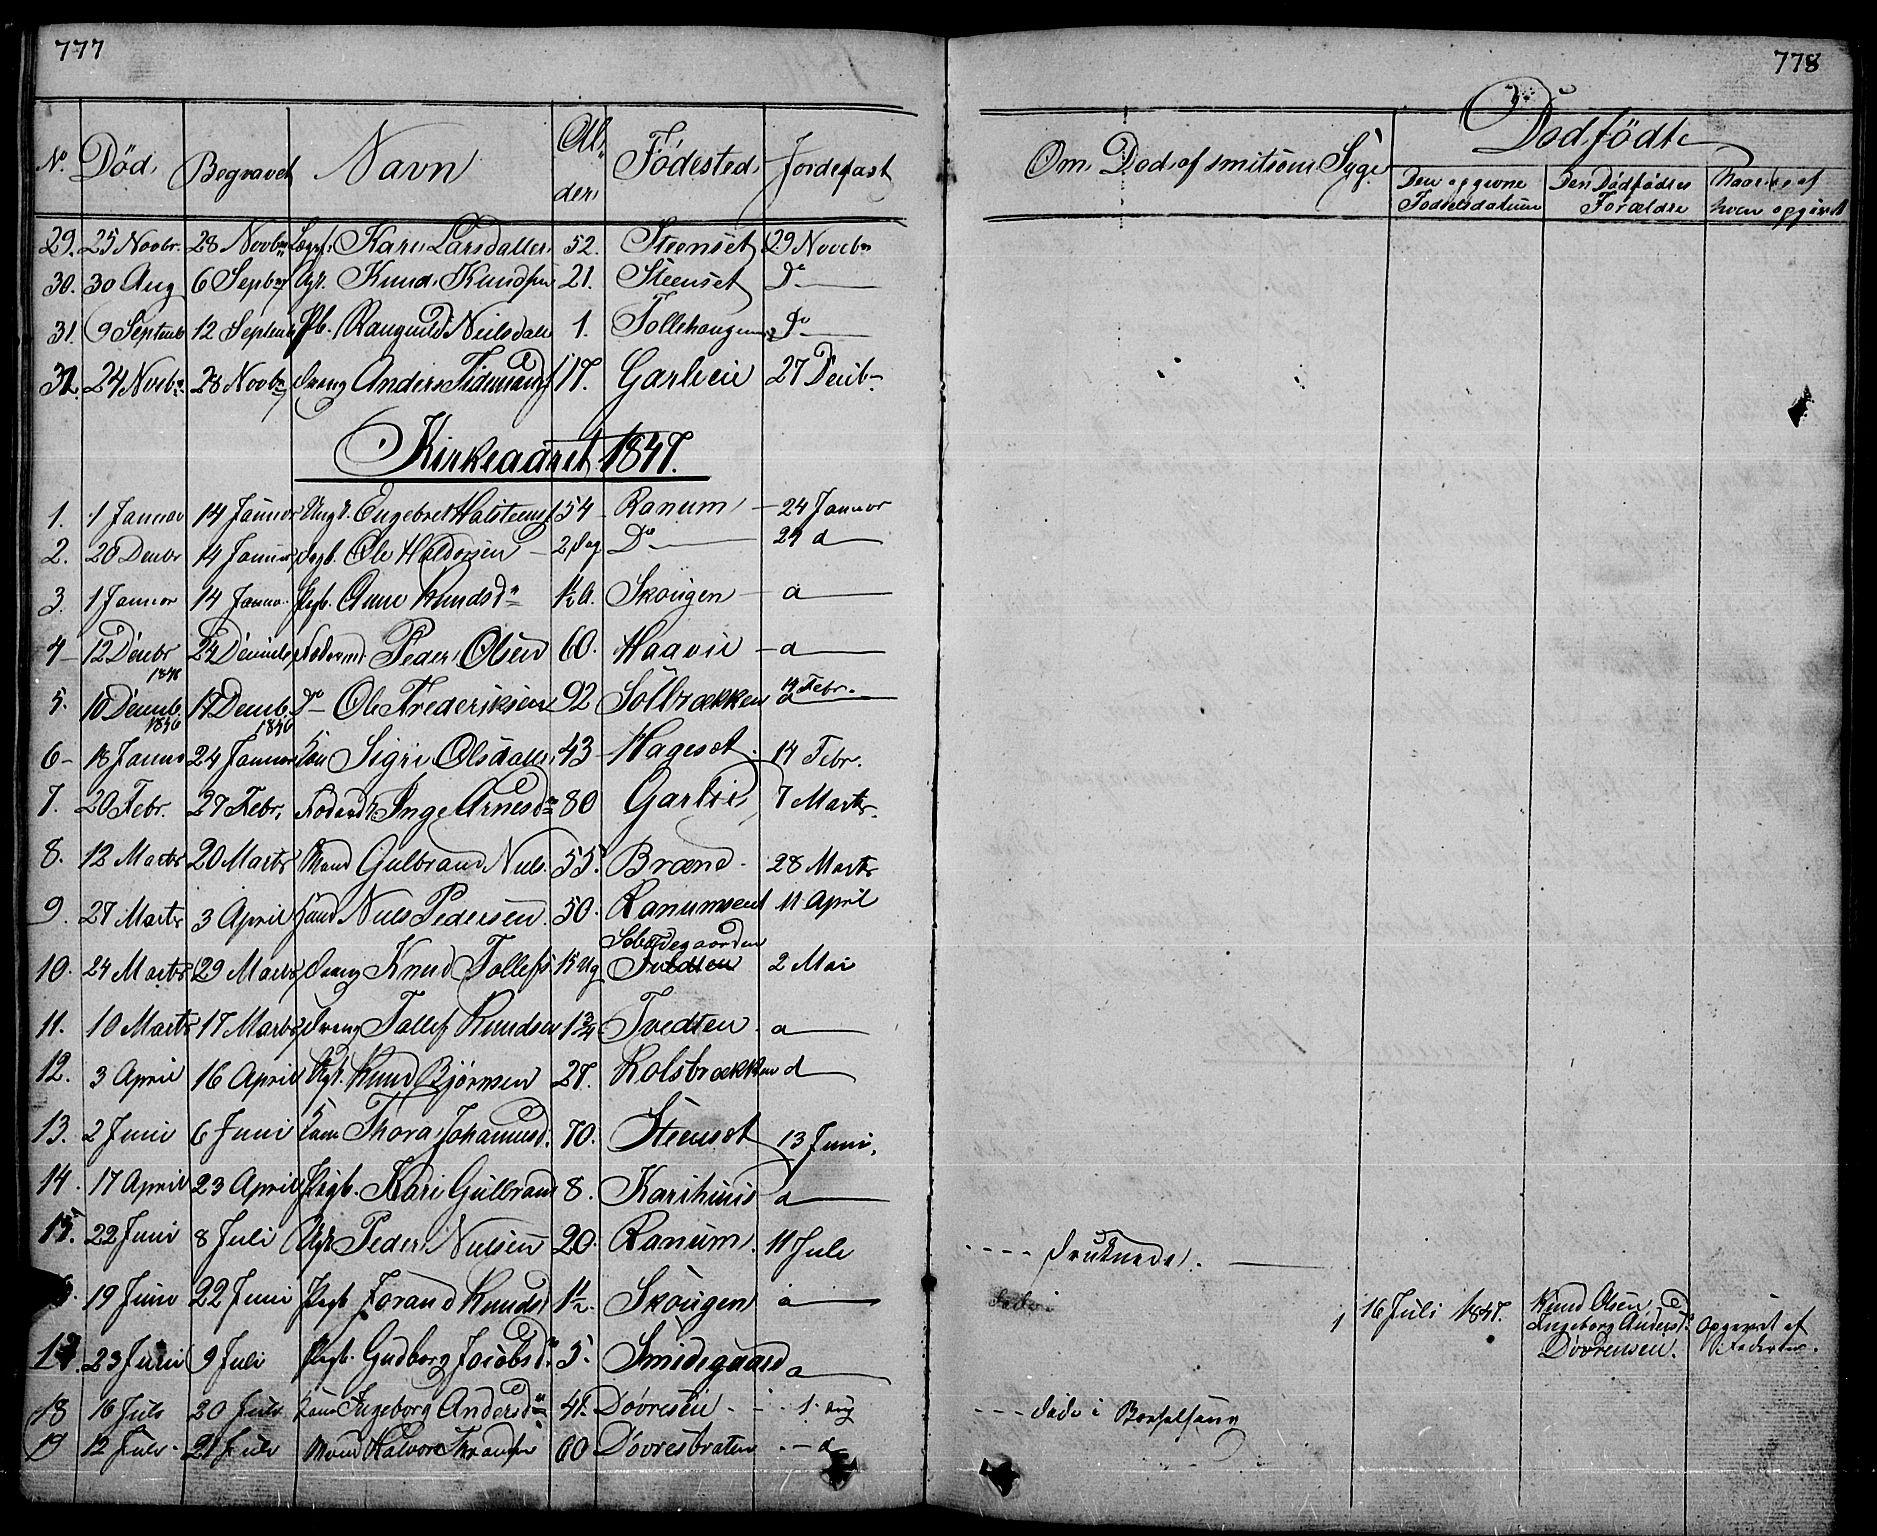 SAH, Nord-Aurdal prestekontor, Klokkerbok nr. 1, 1834-1887, s. 777-778